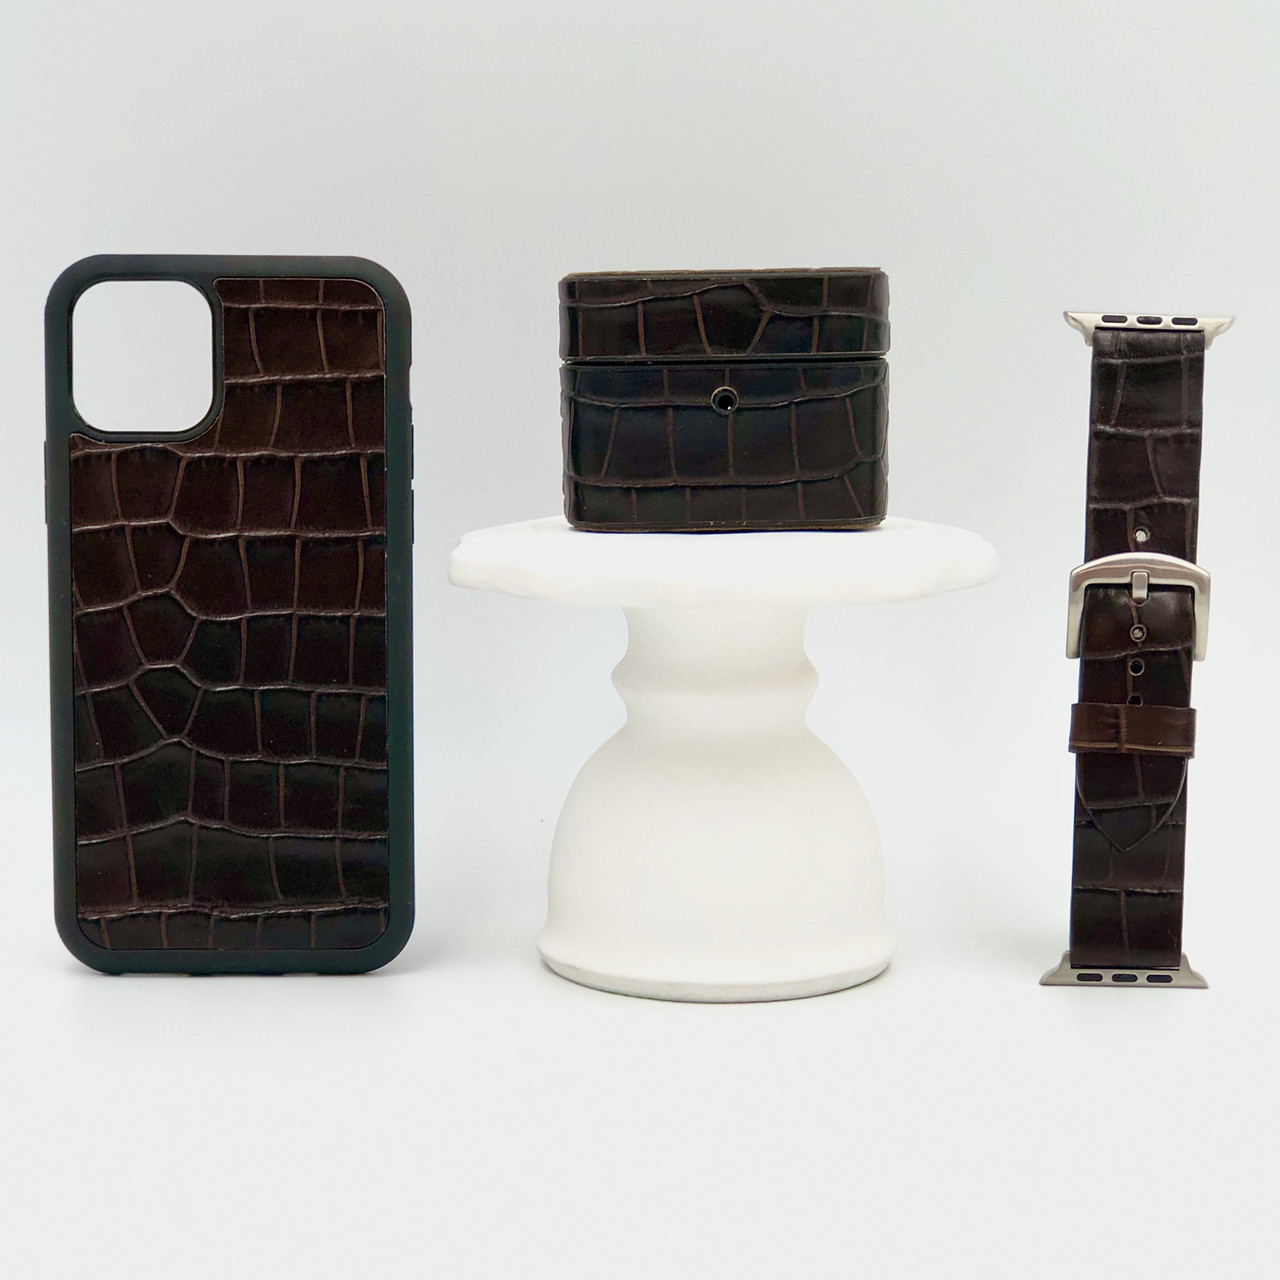 Набор из чехла для iPhone, чехла для AirPods и ремешка для Apple Watch темно-коричневого цвета